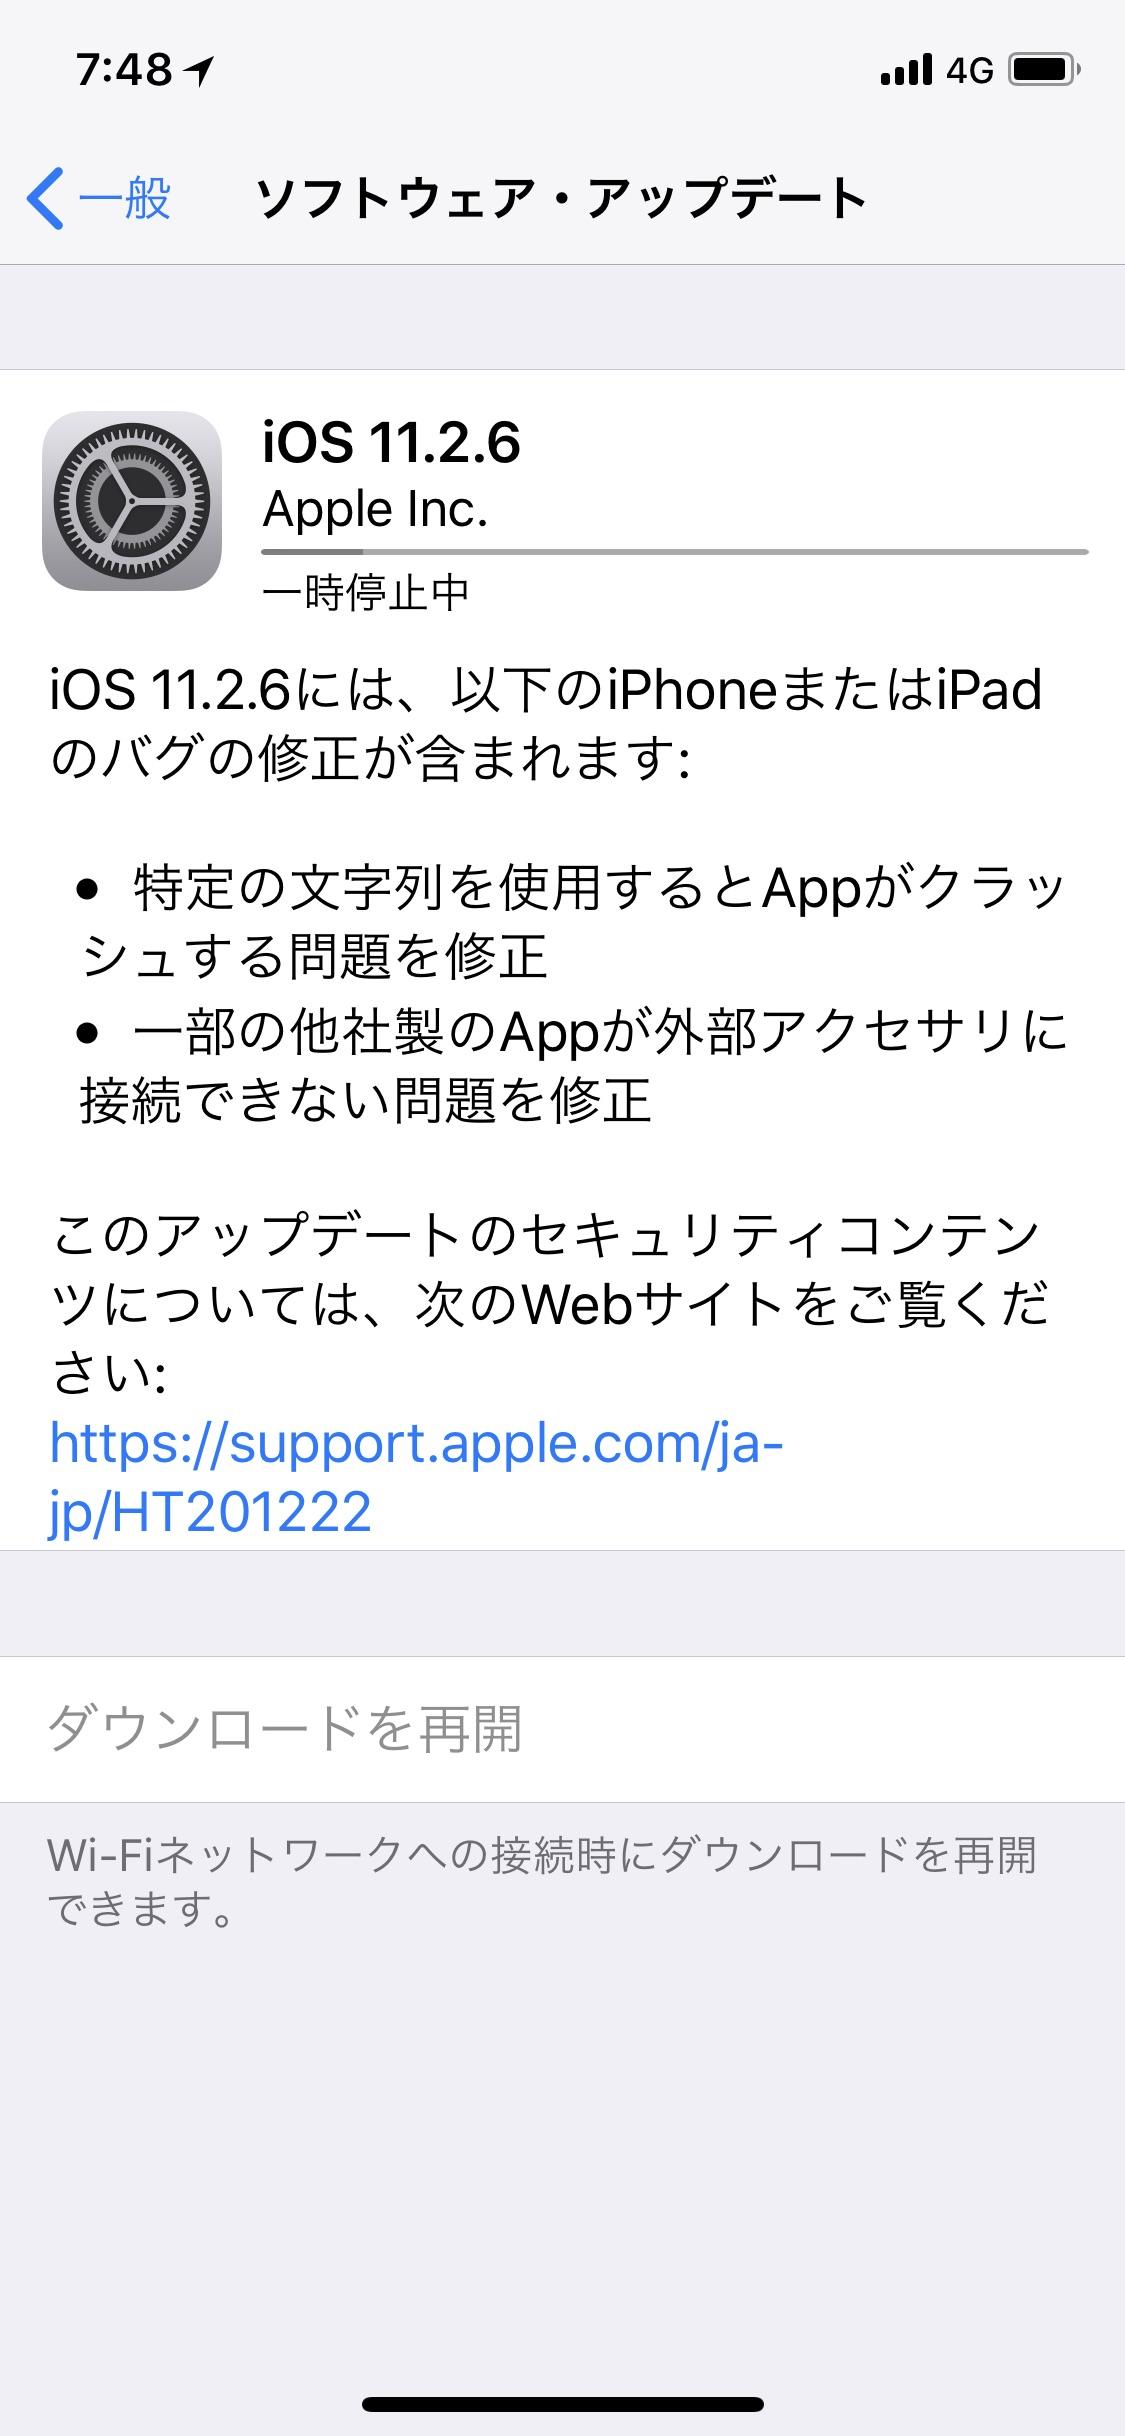 iOS 11.2.6 Update 1